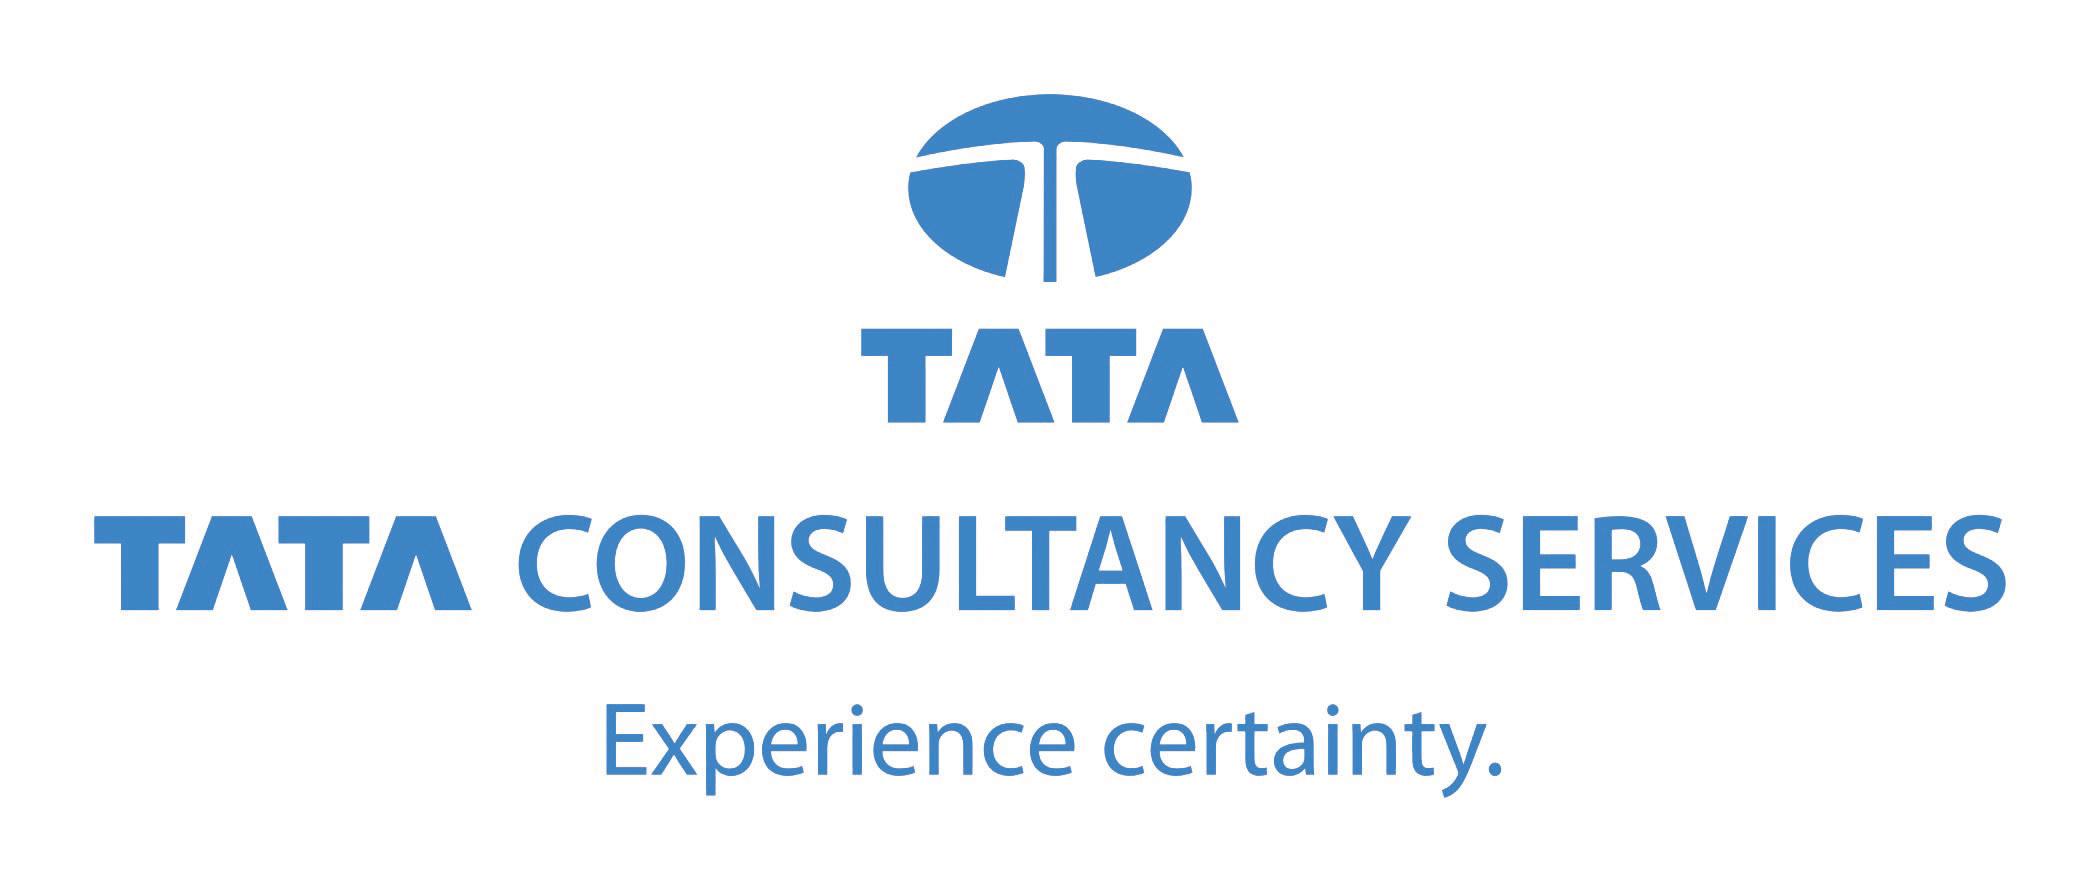 Tata - TCS